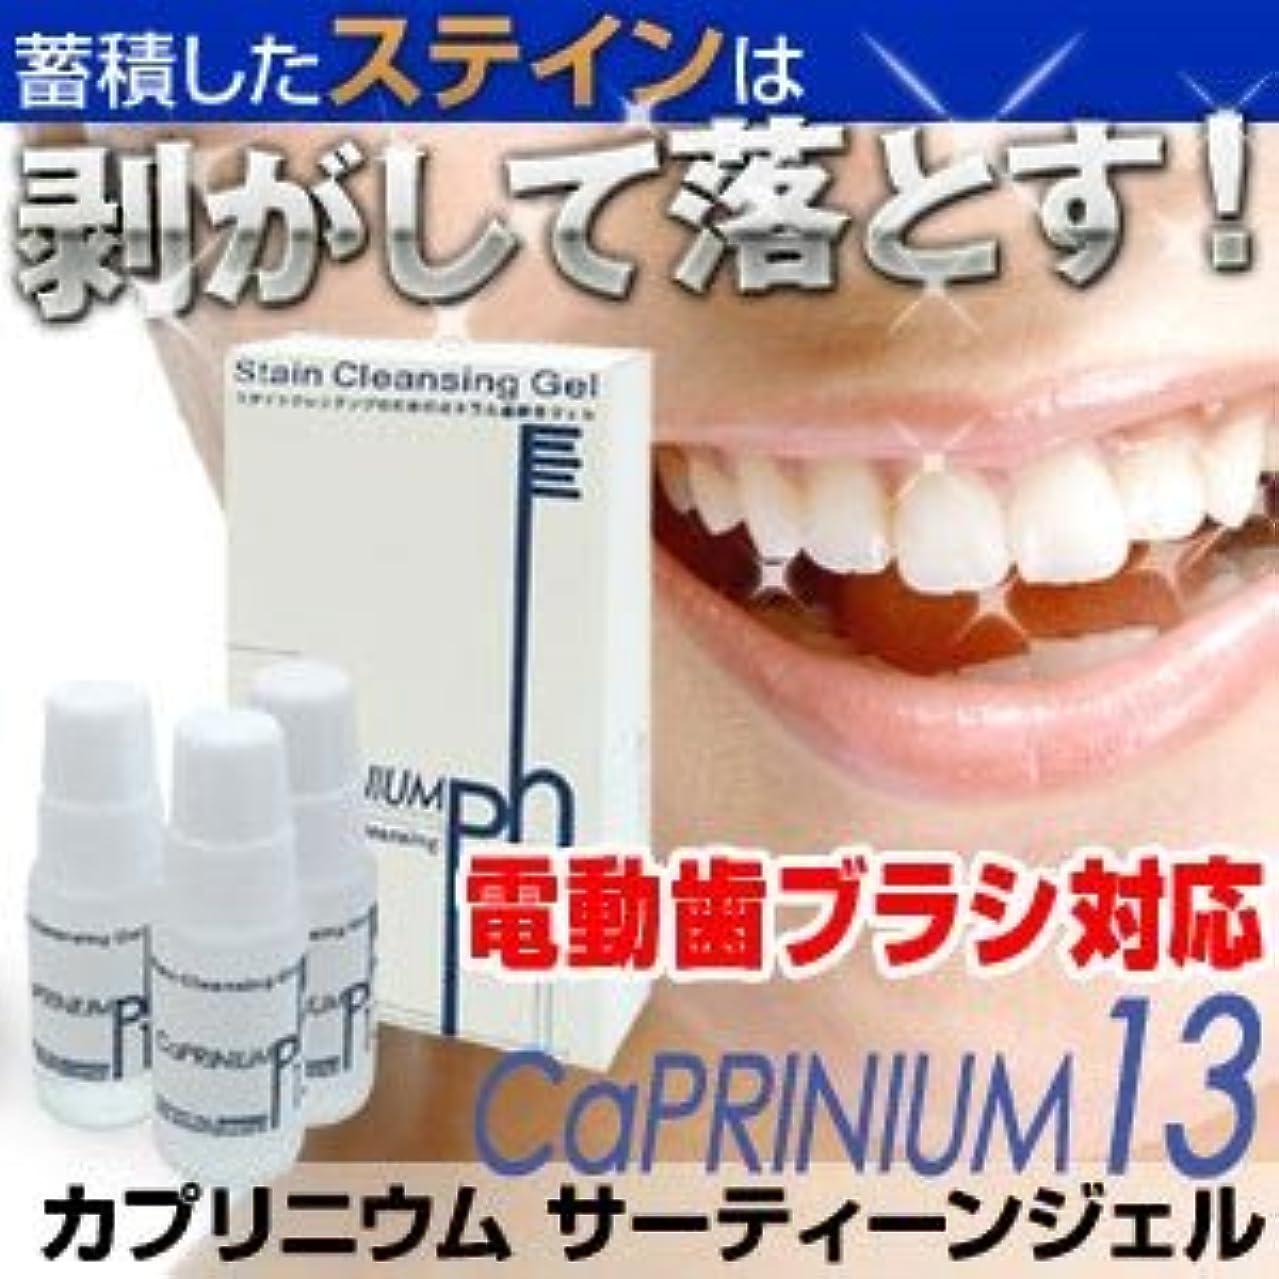 とまり木リスク聖職者カプリニウム サーティーンジェル(CaPRINIUM 13) 新発想のホワイトニング歯磨きジェル